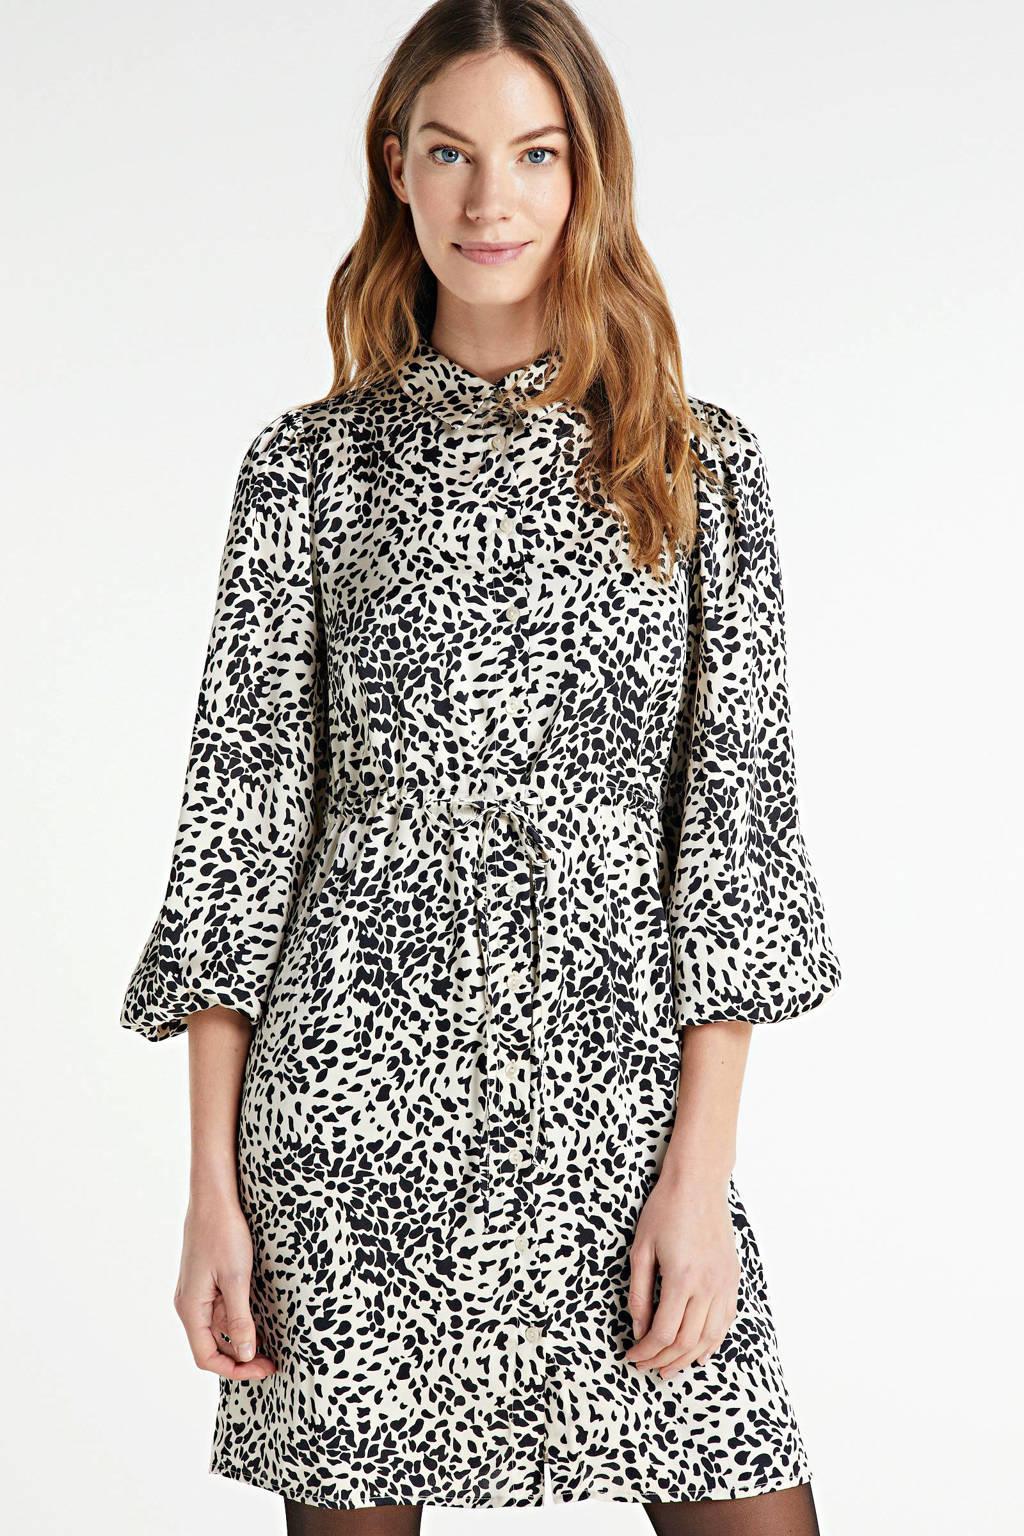 PIECES blousejurk met all over print ecru/zwart, Ecru/zwart